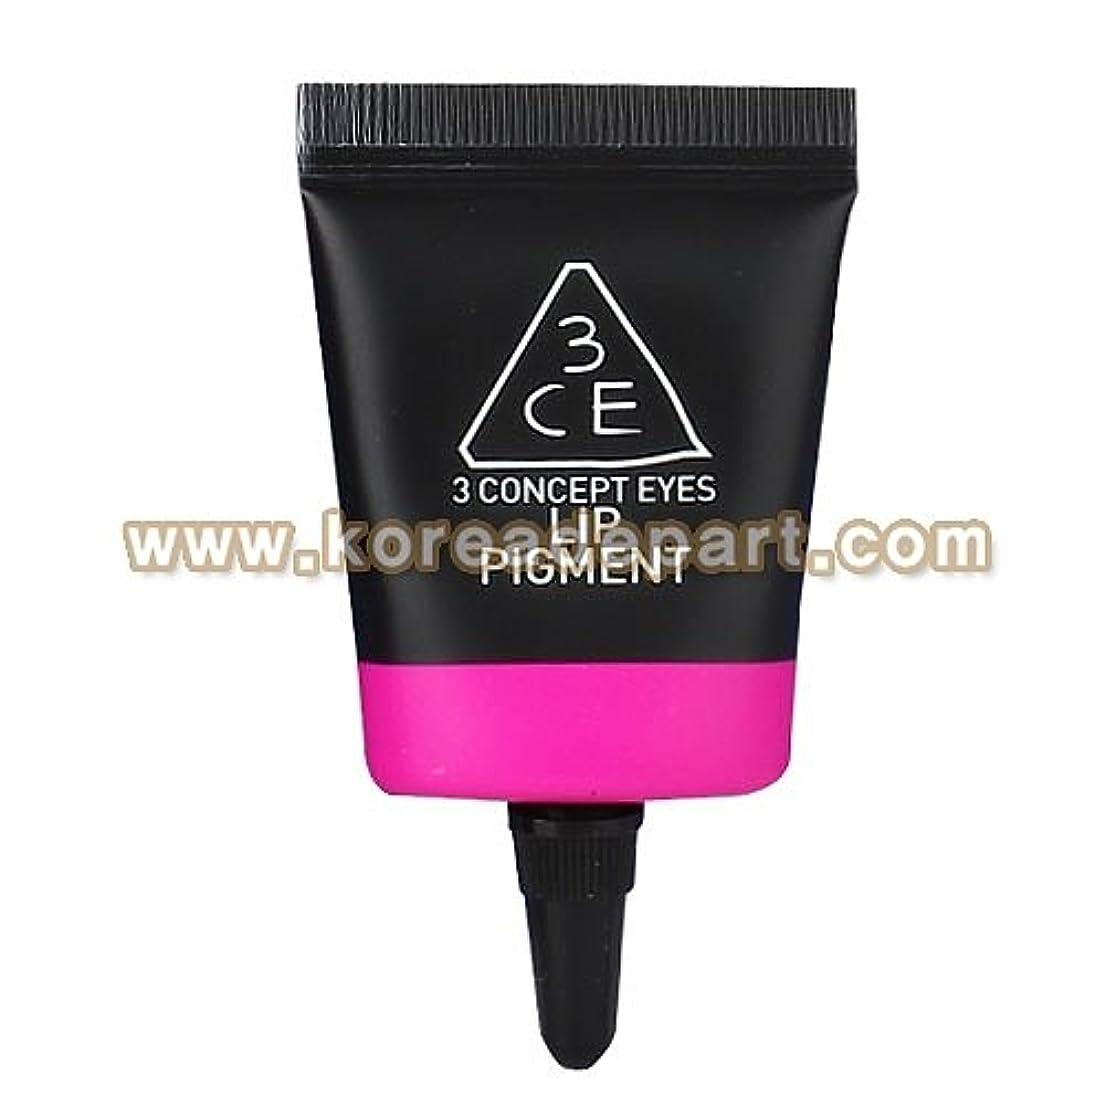 少年素晴らしさ発掘3CE リップ ピグメント (electro pink) [海外直送品][並行輸入品]